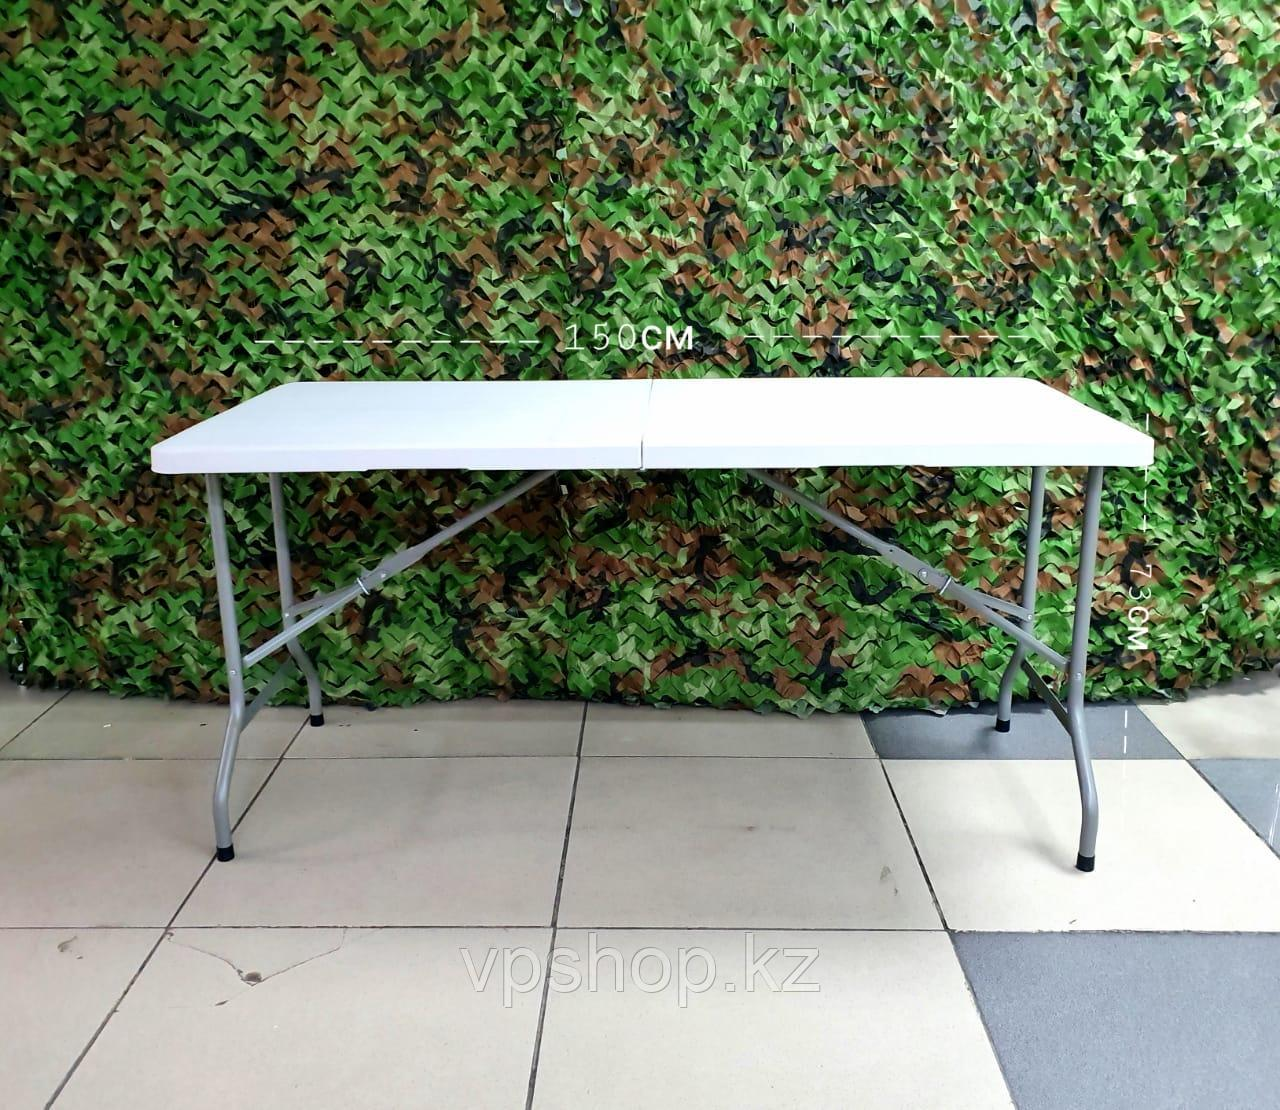 """Складной стол усиленный (150х70) для пикника """"VerdeLook"""", доставка"""